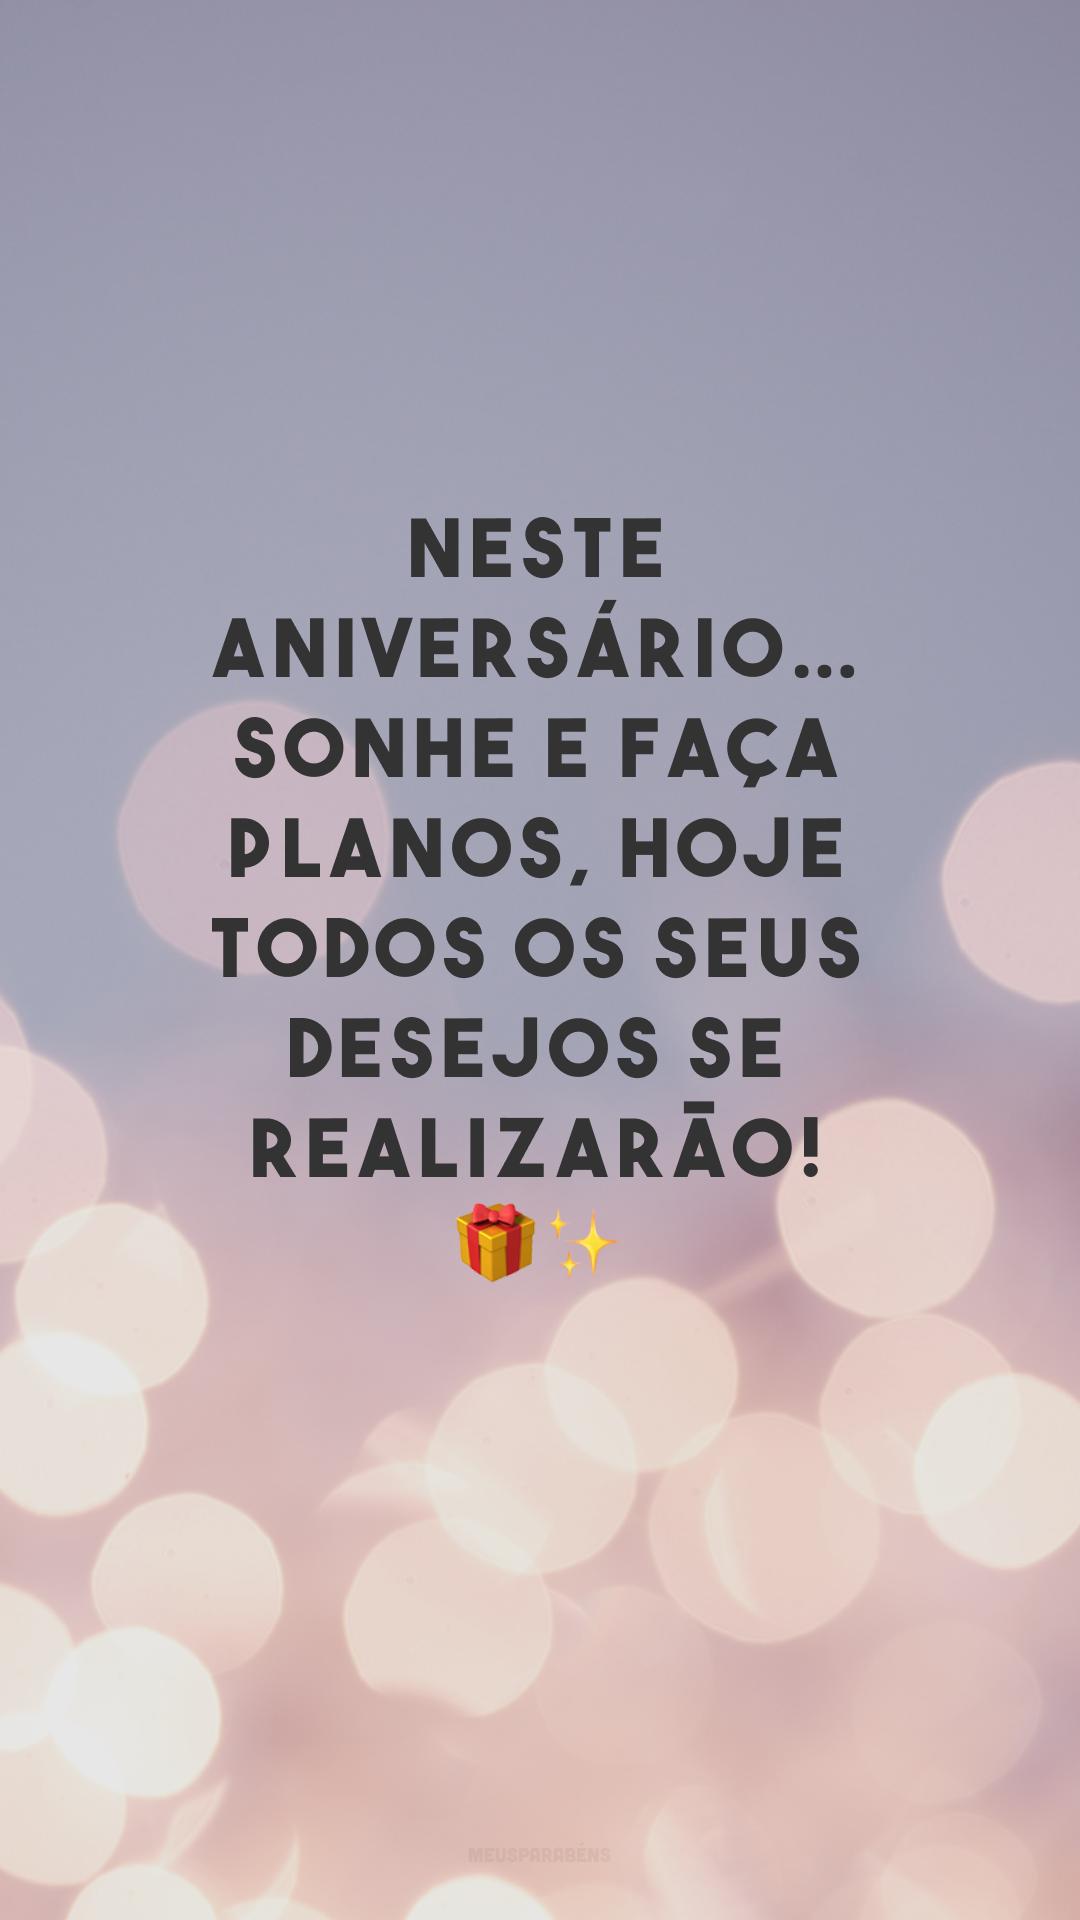 Neste aniversário… sonhe e faça planos, hoje todos os seus desejos se realizarão! 🎁✨